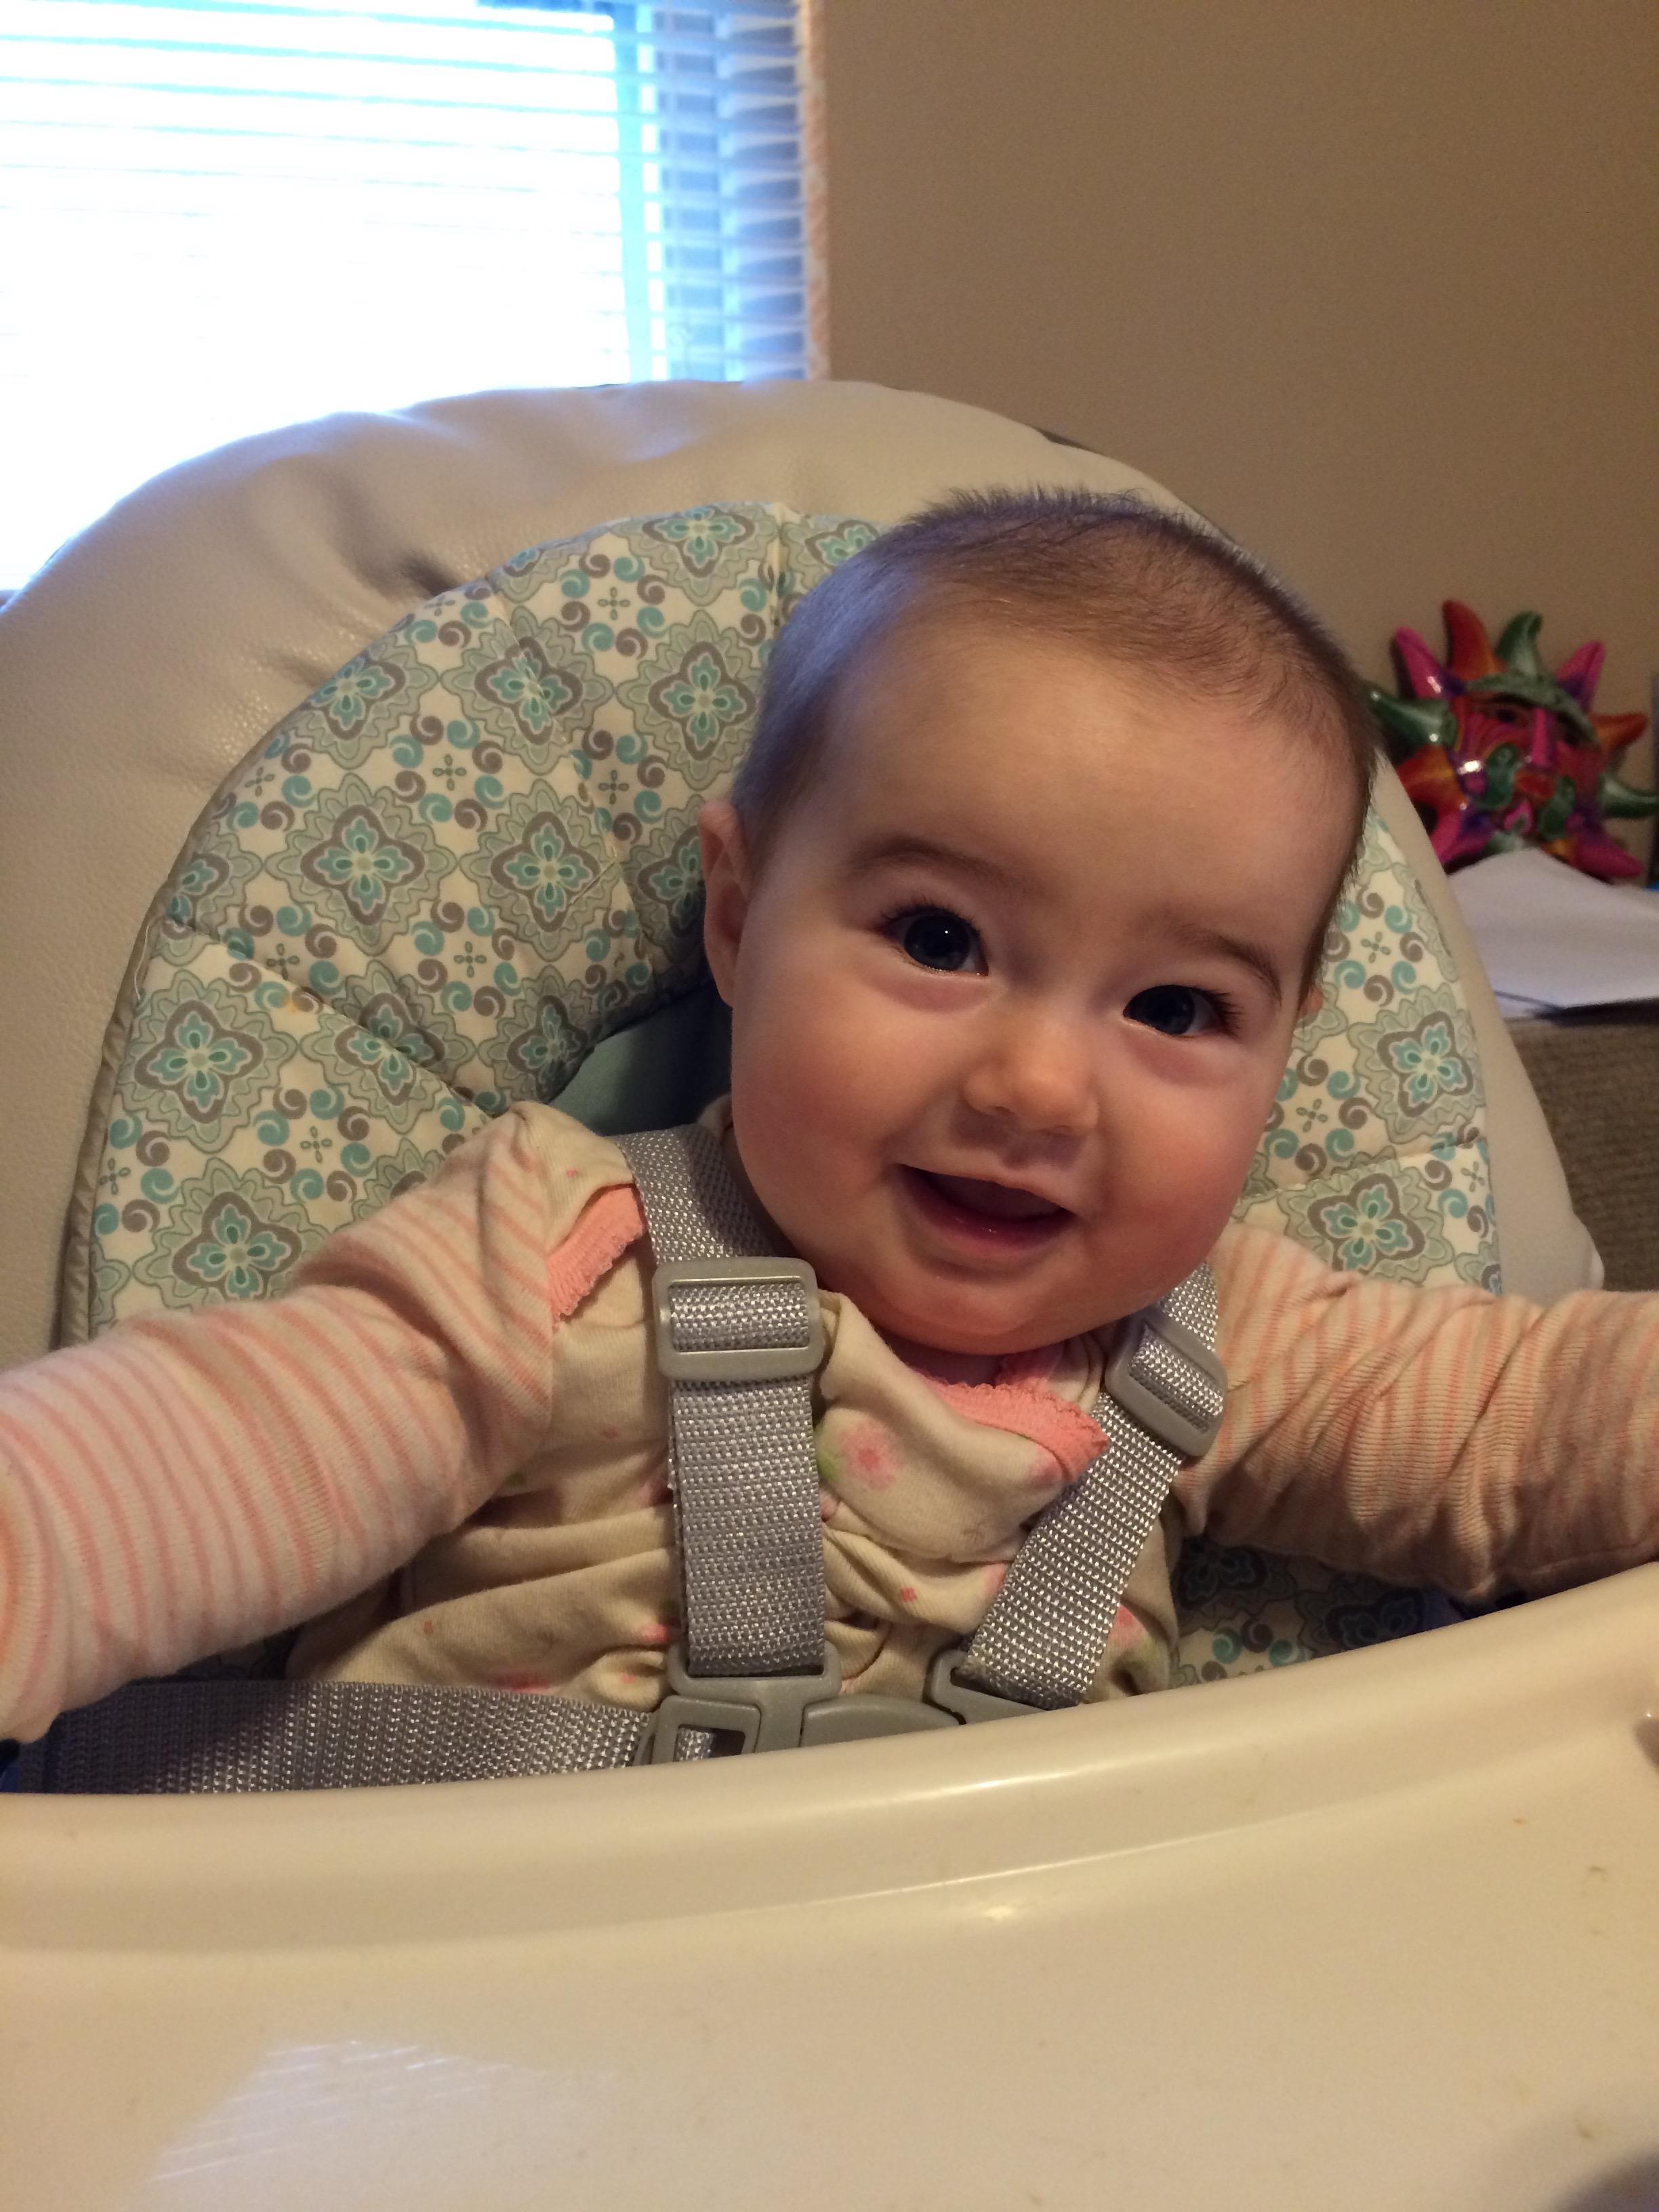 My happy baby girl